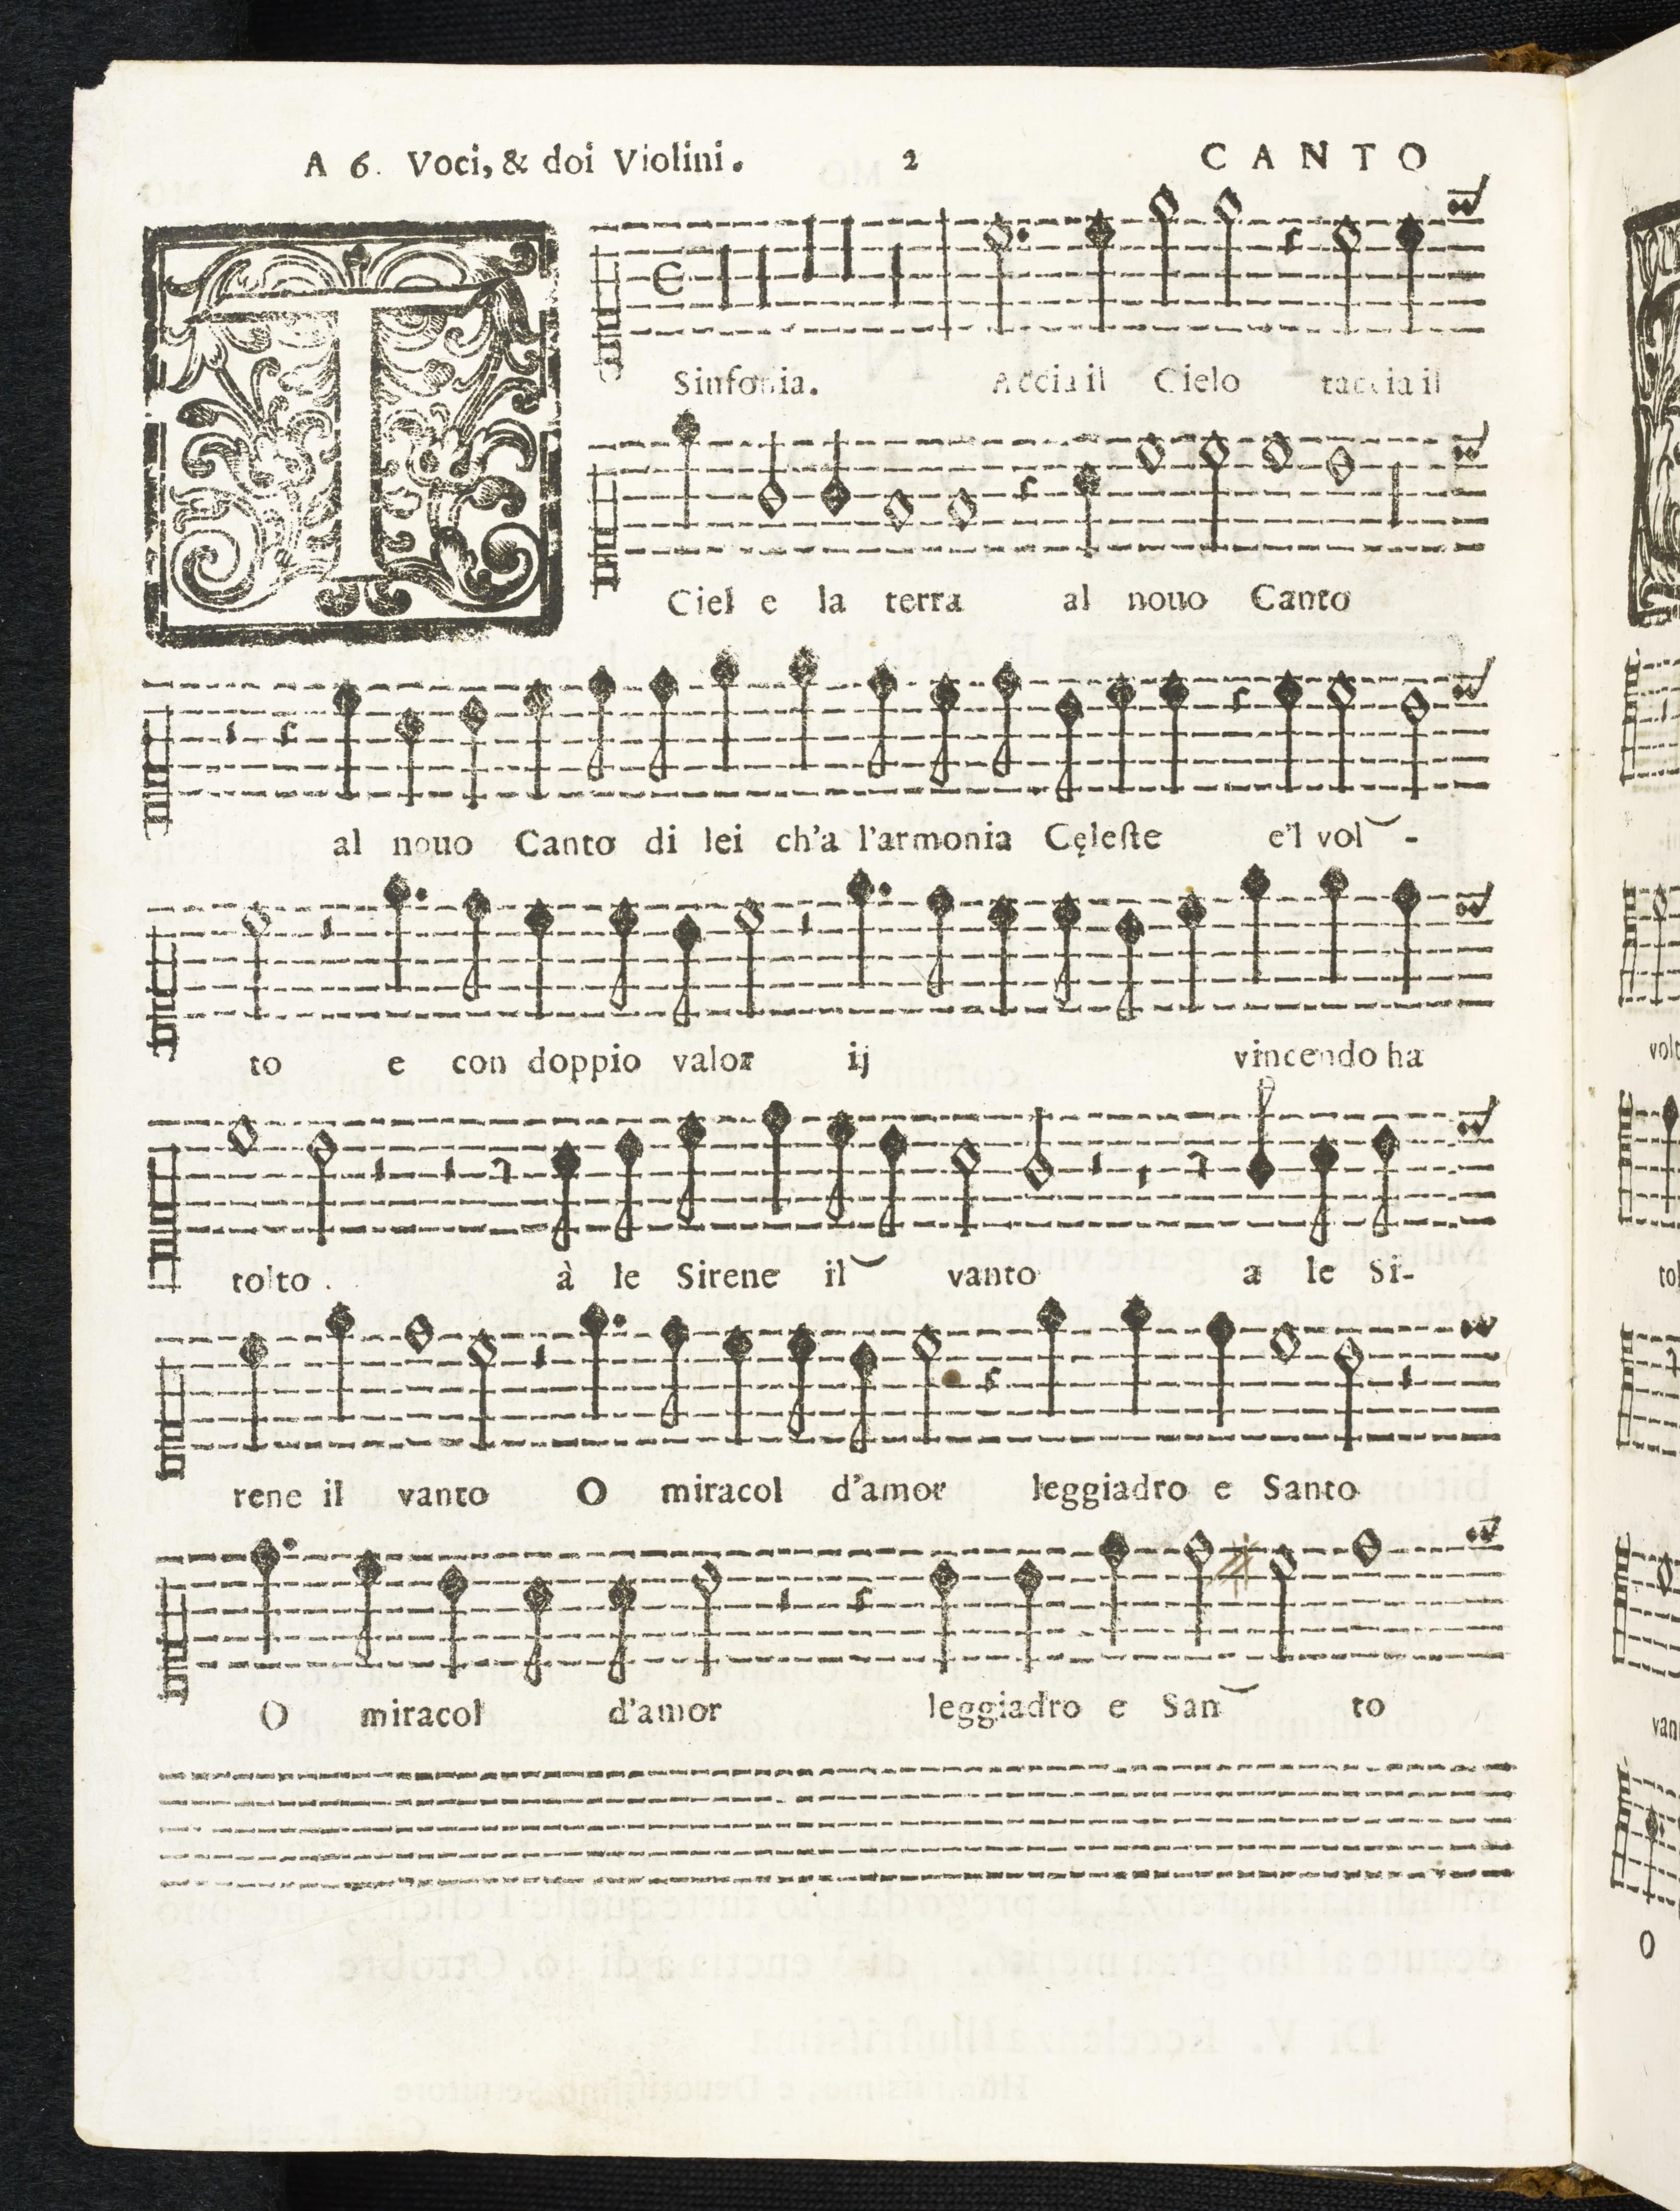 Taccio il Cielo in la Terra, Rovetta, 1629, Canto